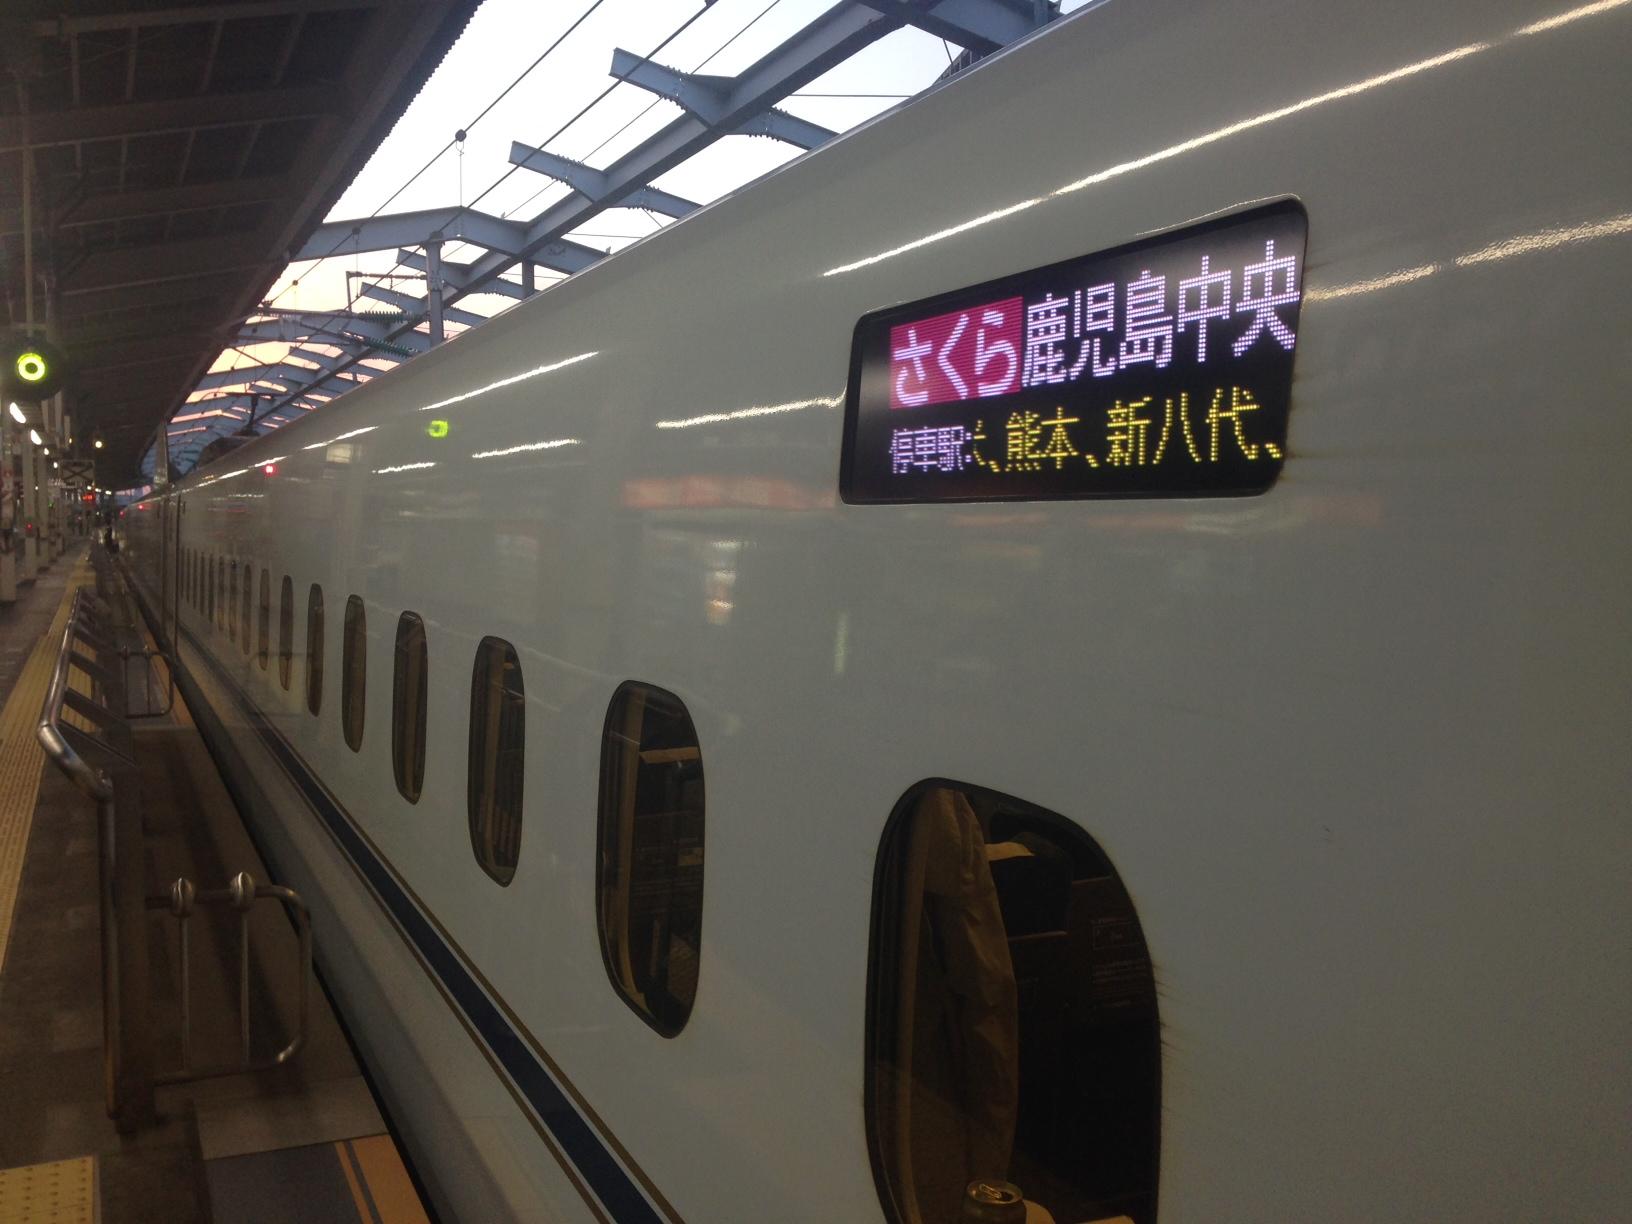 wakuraoosaka.JPG